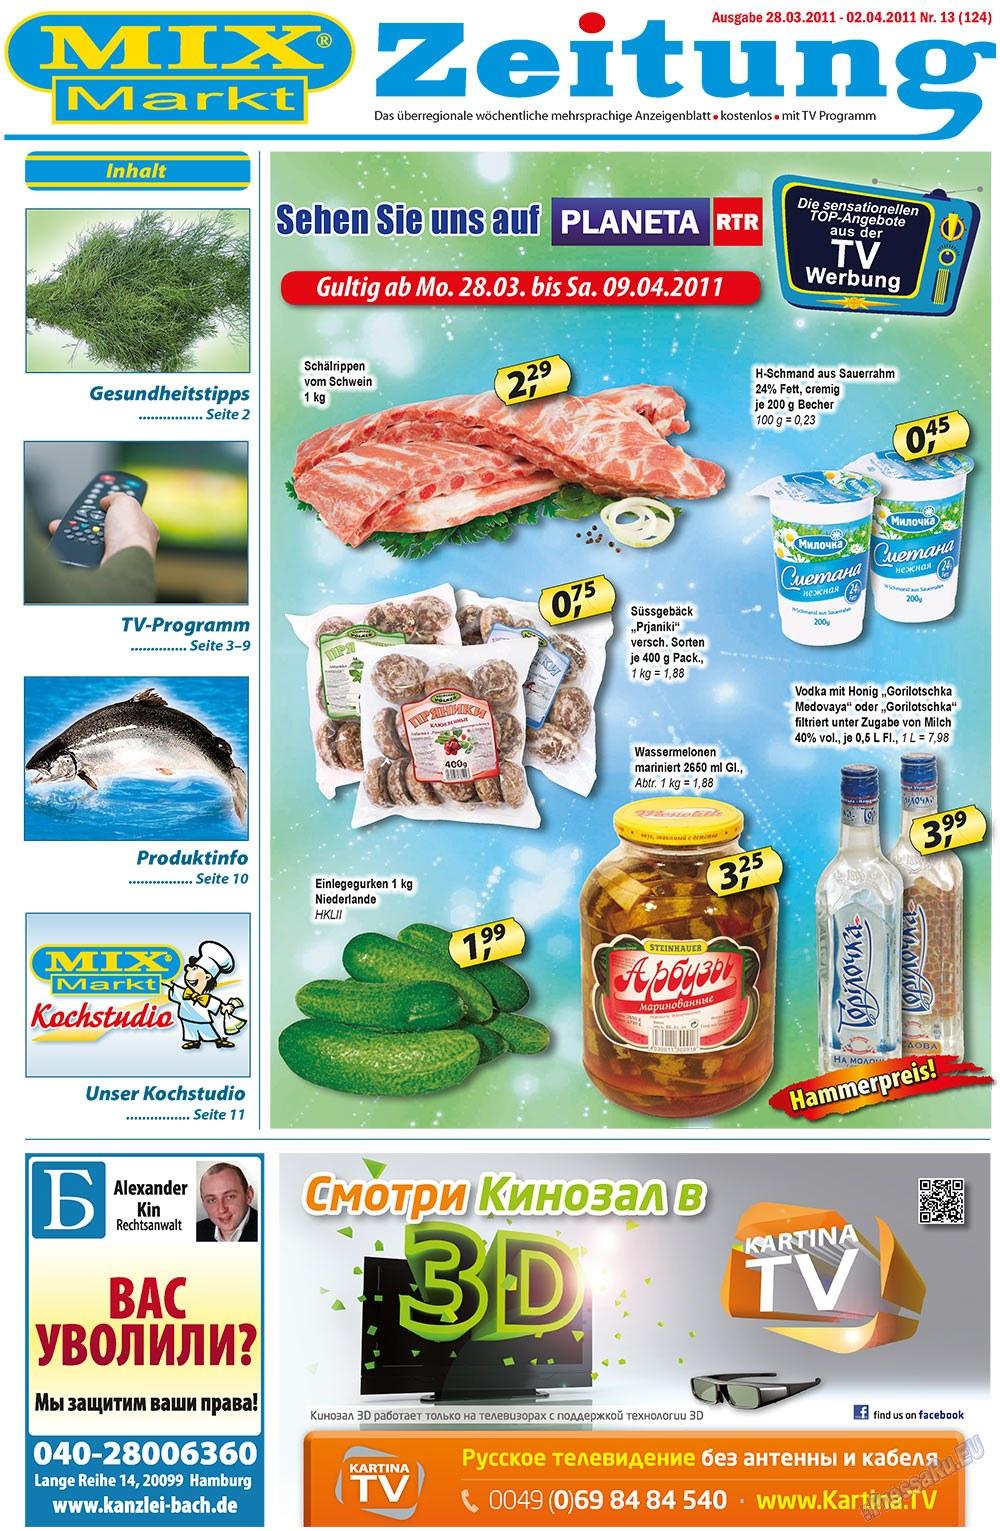 MIX-Markt Zeitung (газета). 2011 год, номер 13, стр. 1